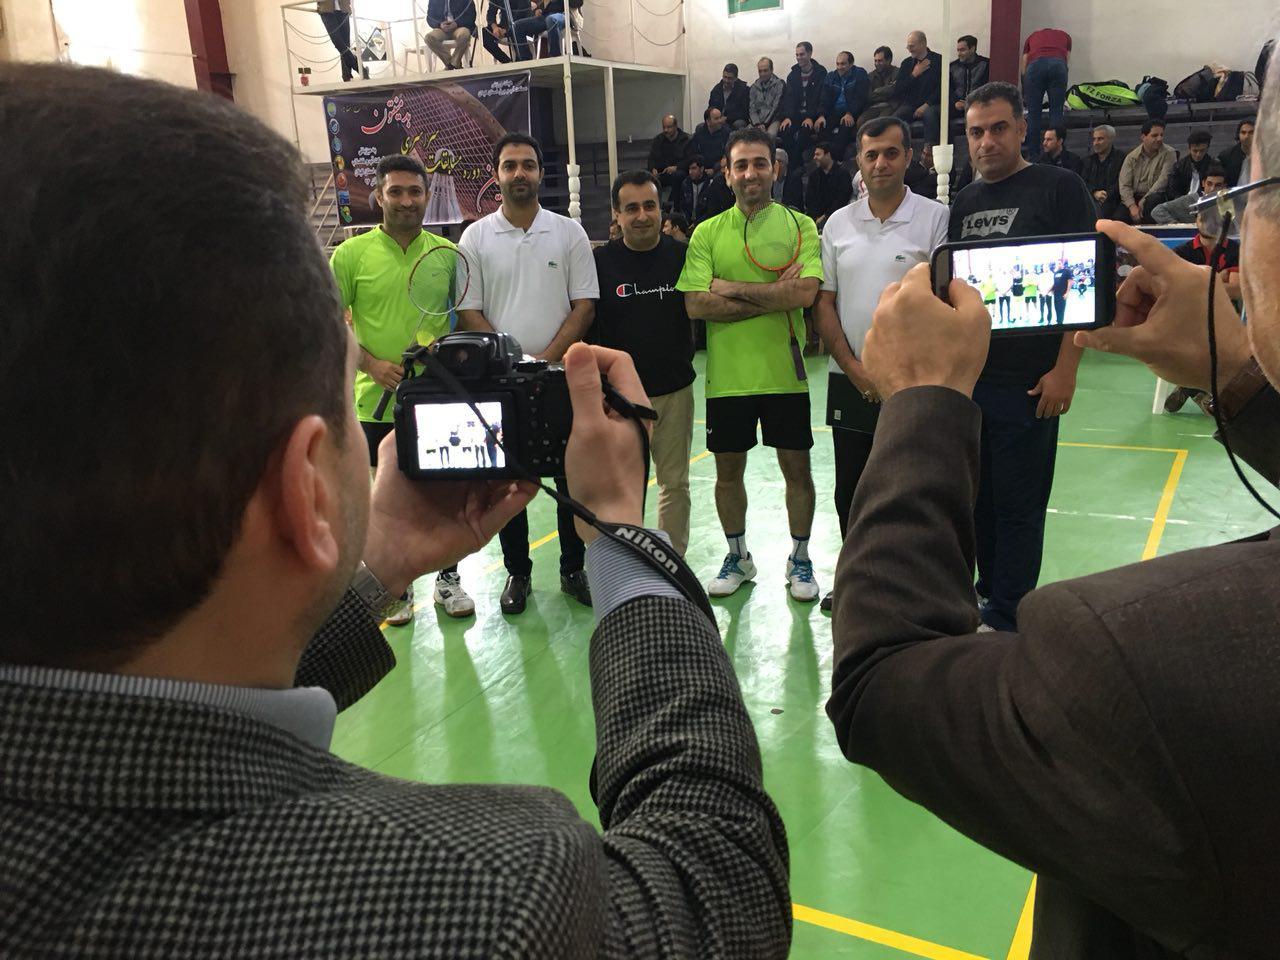 بازیکنان در کنار مربیان خود و داوران مسابقات فینال